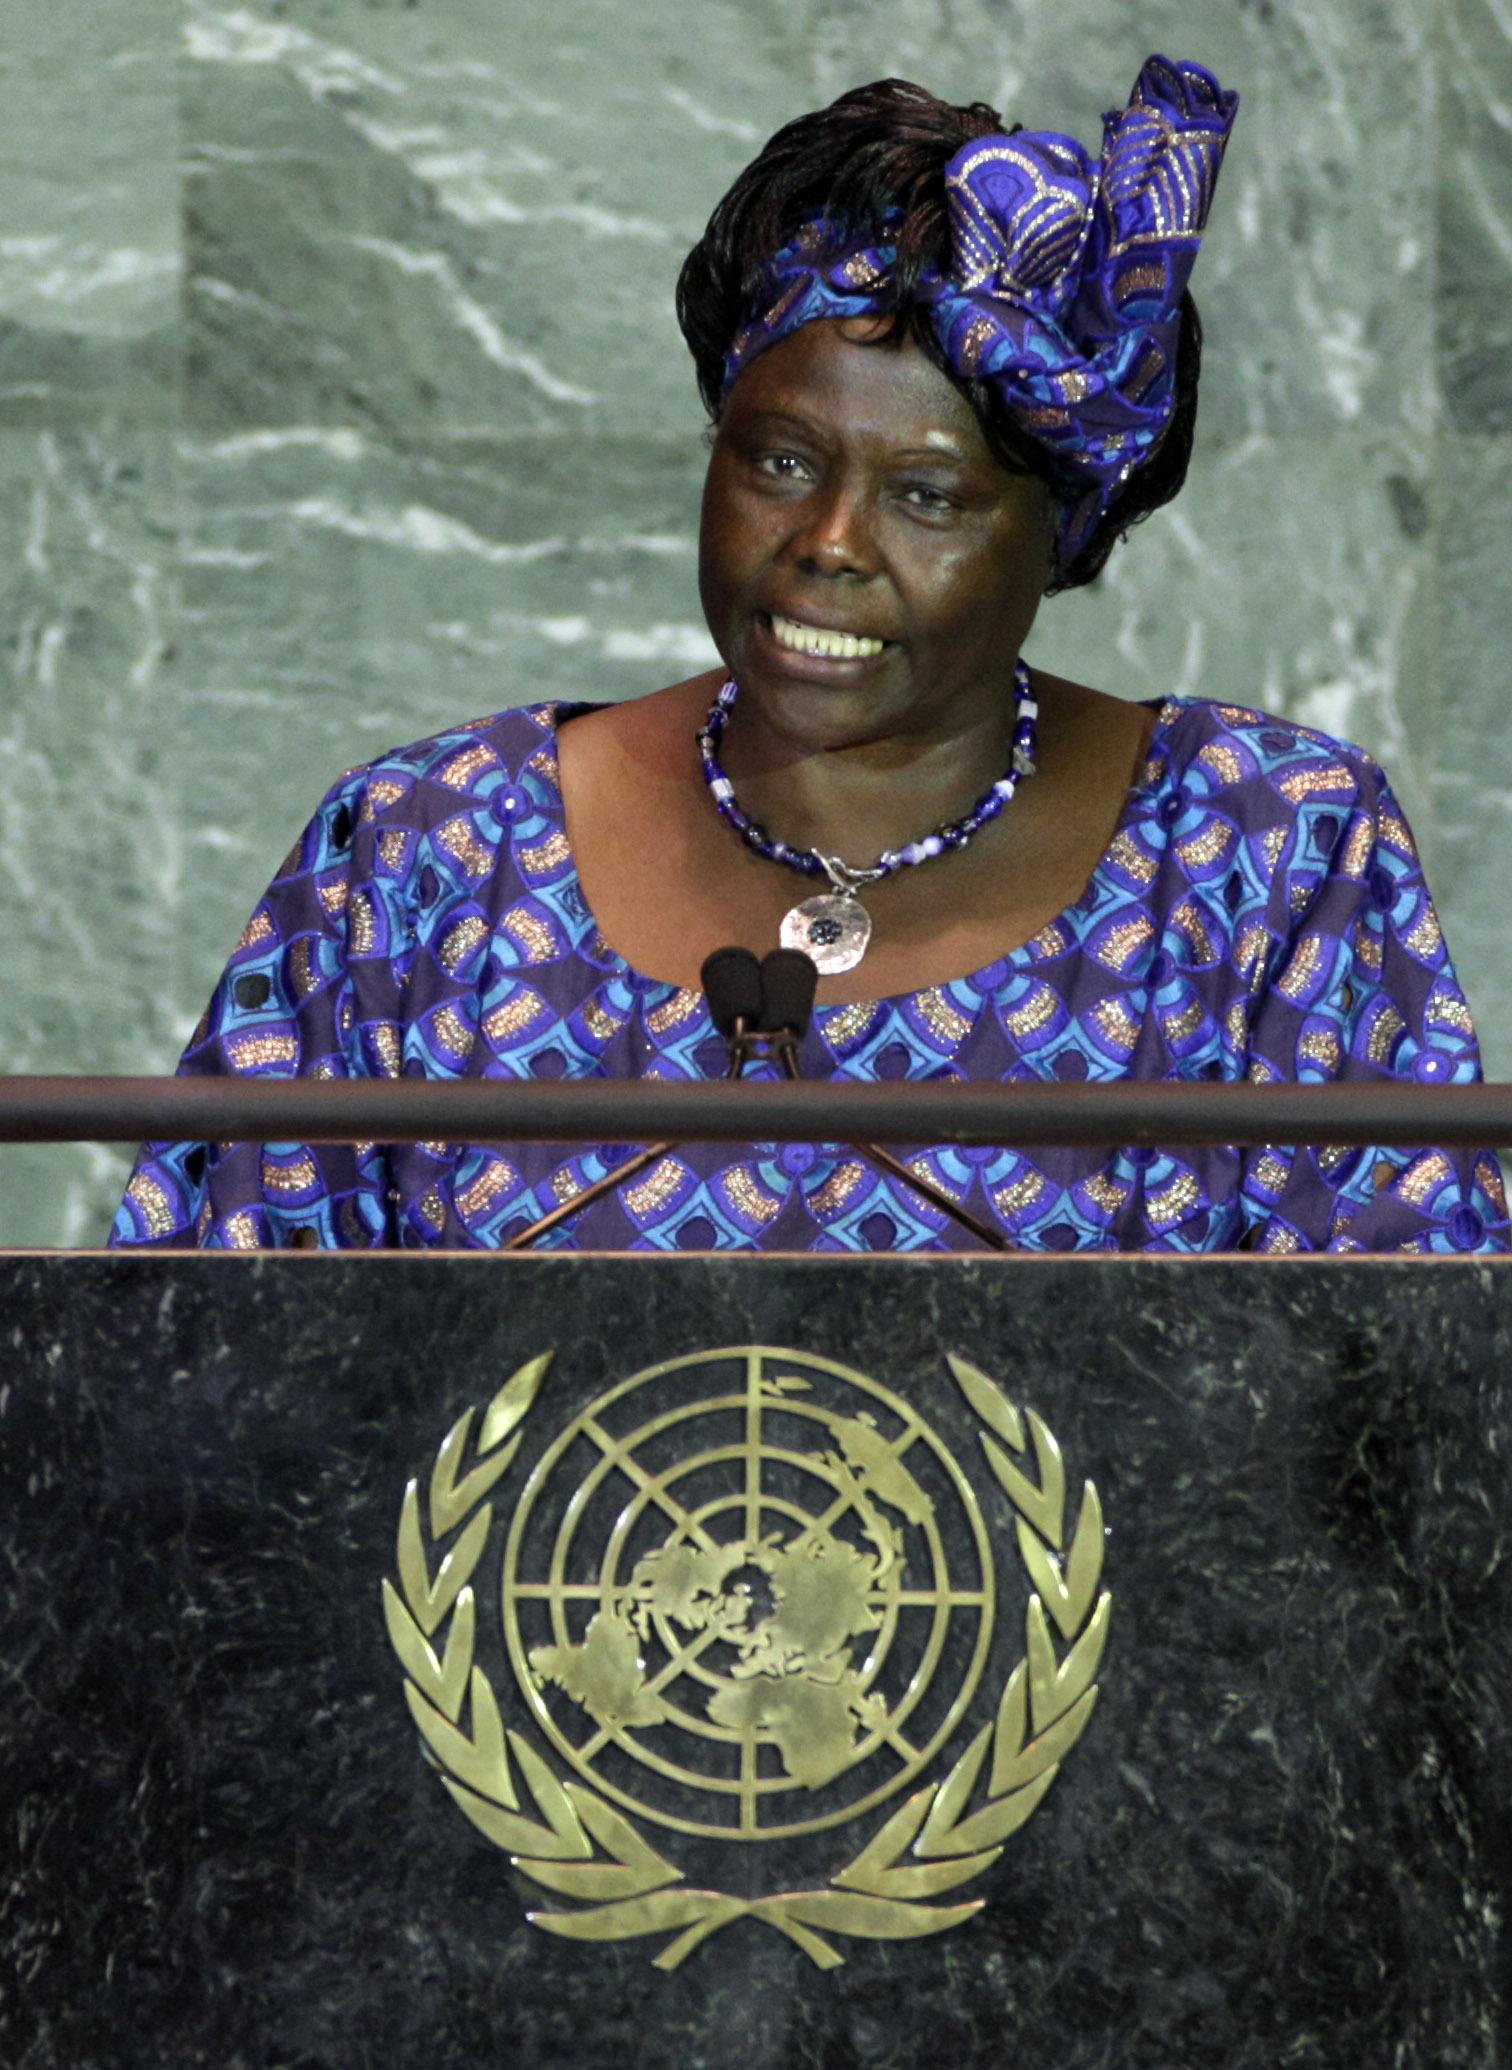 瑪泰2009年9月22日在聯合國氣候峰會發表講演。(美聯社)